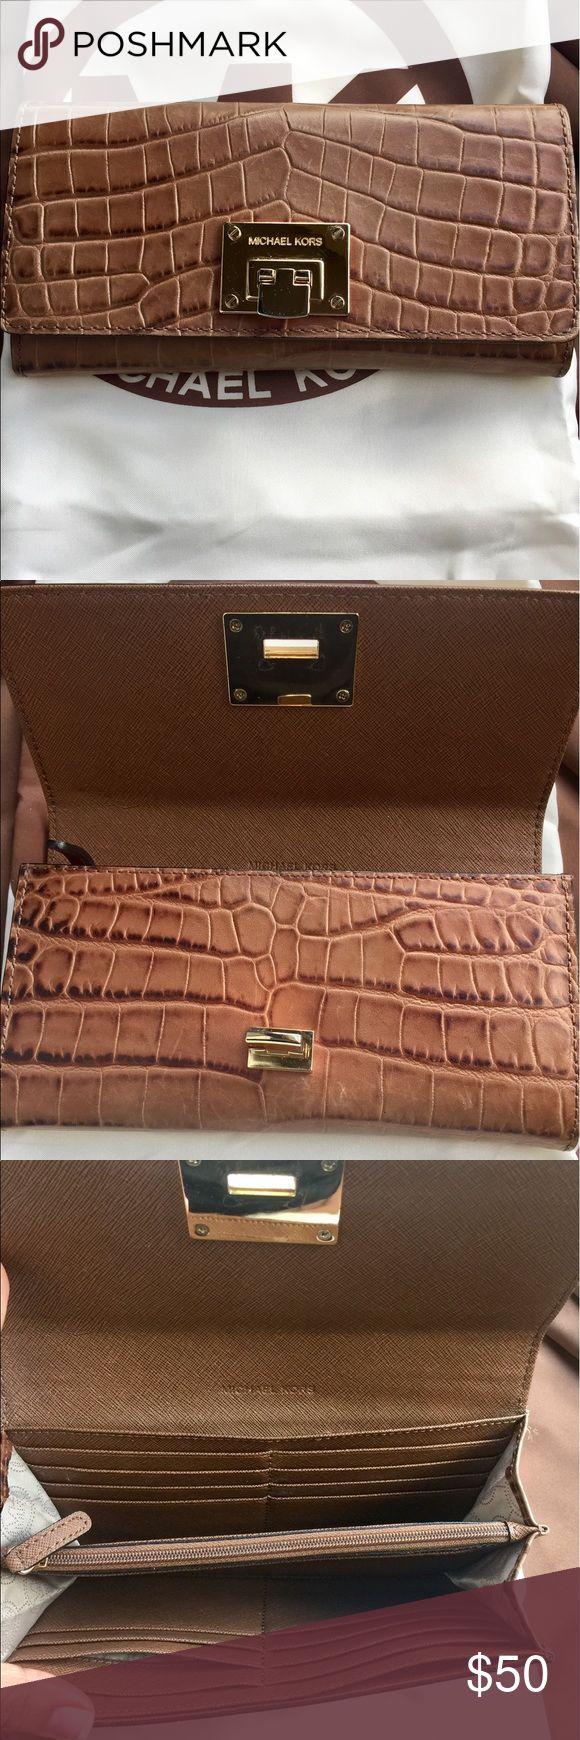 MK Wallet MK Wallet in brown Michael Kors Bags Wallets